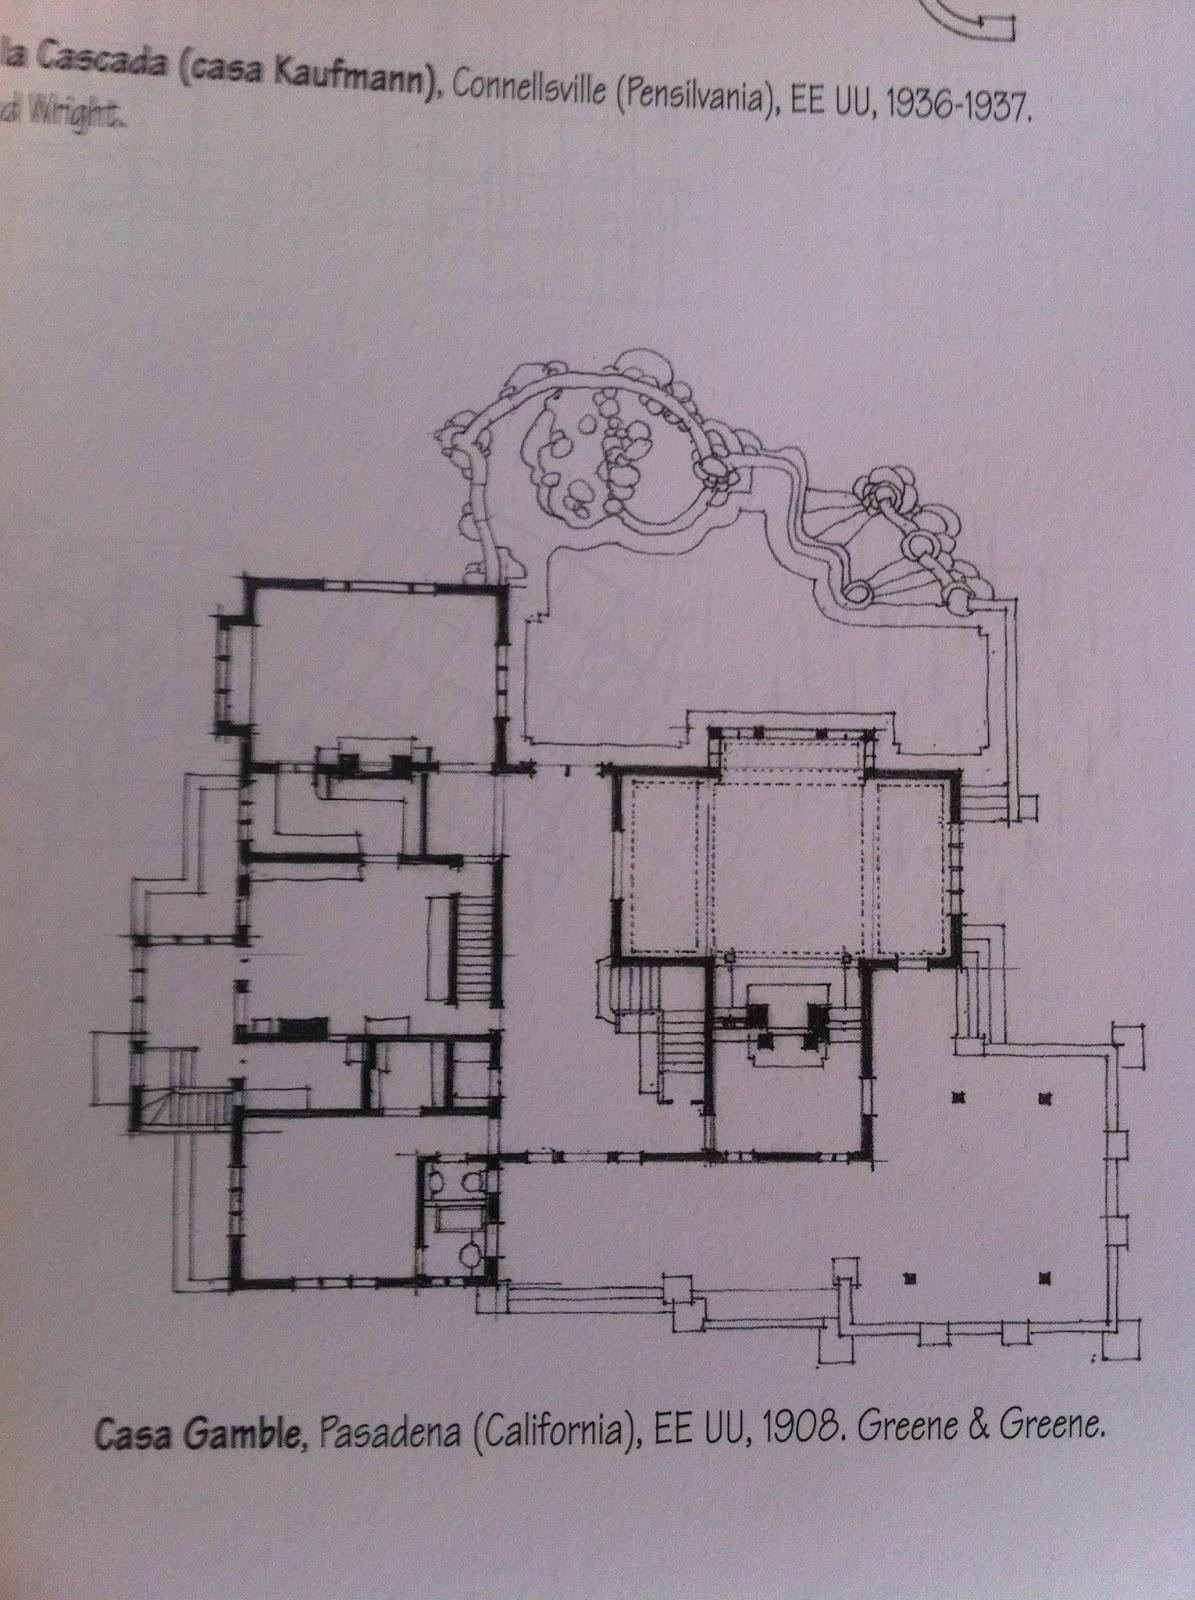 Fundamentos del dise o organizaciones espaciales for Libros sobre planos arquitectonicos